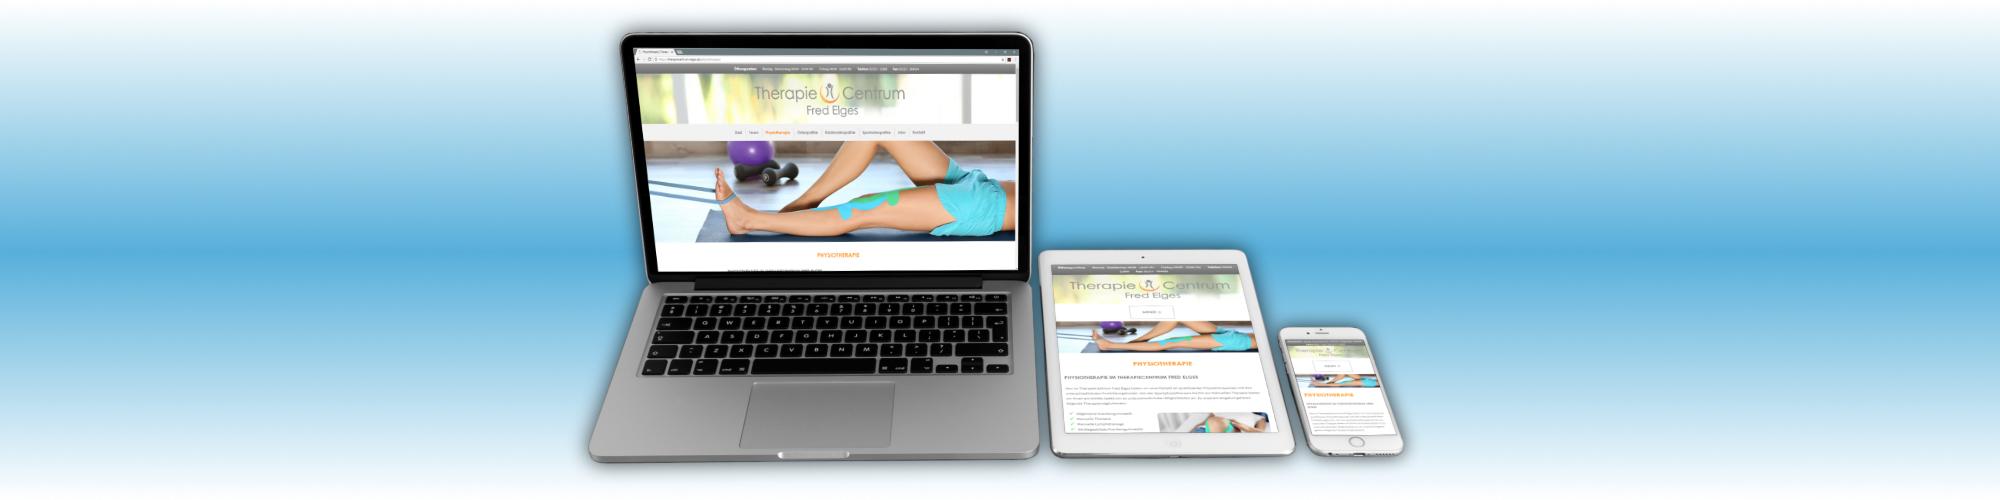 Webdesign für das TherapieCentrum Fred Elges, eine Praxis für Physiotherapie/Krankengymnastik, Osteopathie, Kinderosteopathie, Sportosteopathie und Traditionelle chinesische Medizin